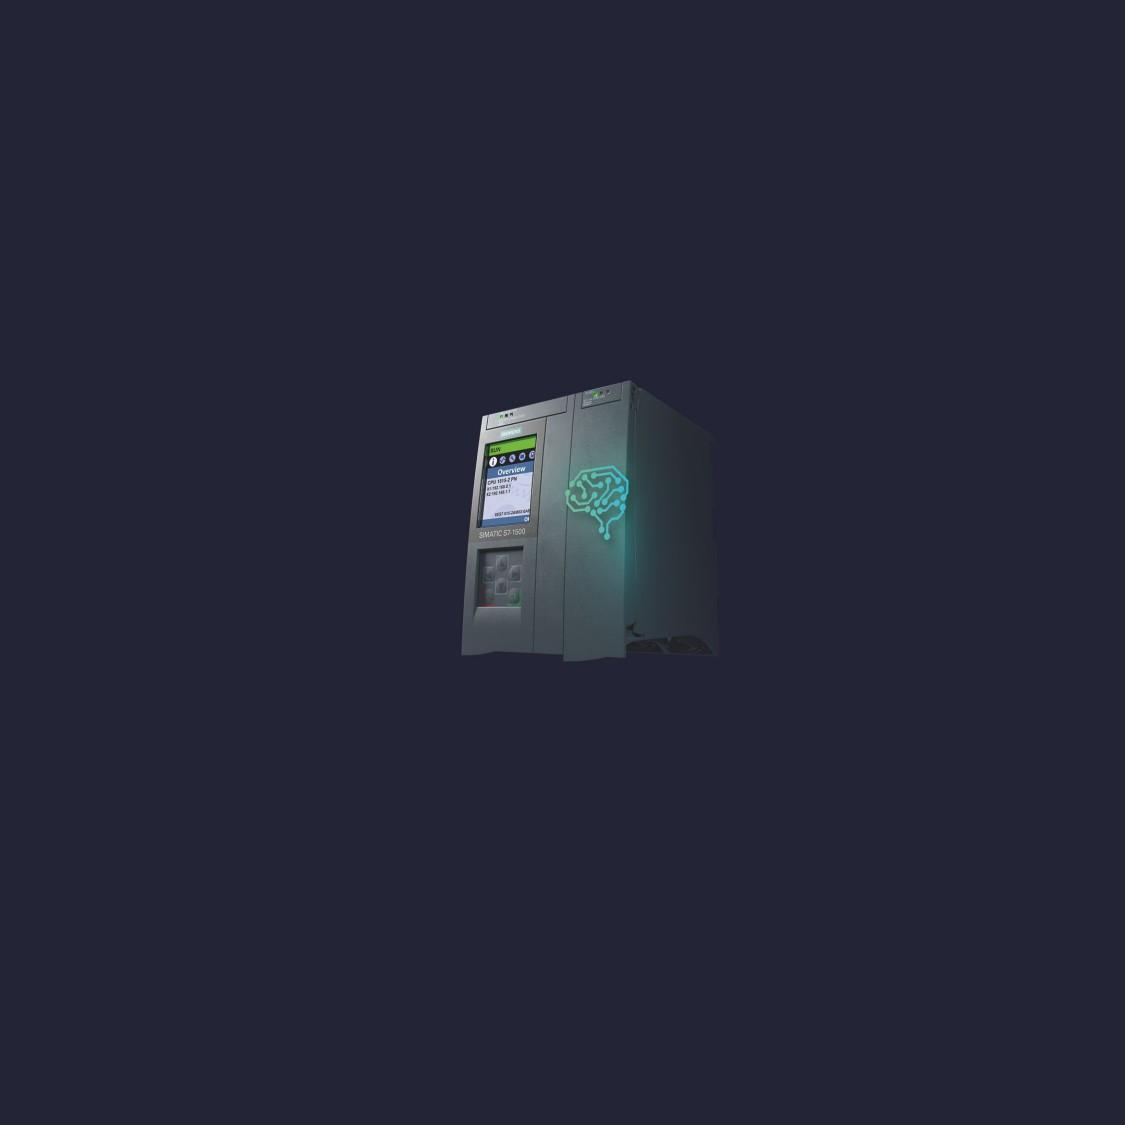 Thiết bị SIMATIC S7-1500 TN NPU với trí thông minh nhân tạo tích hợp